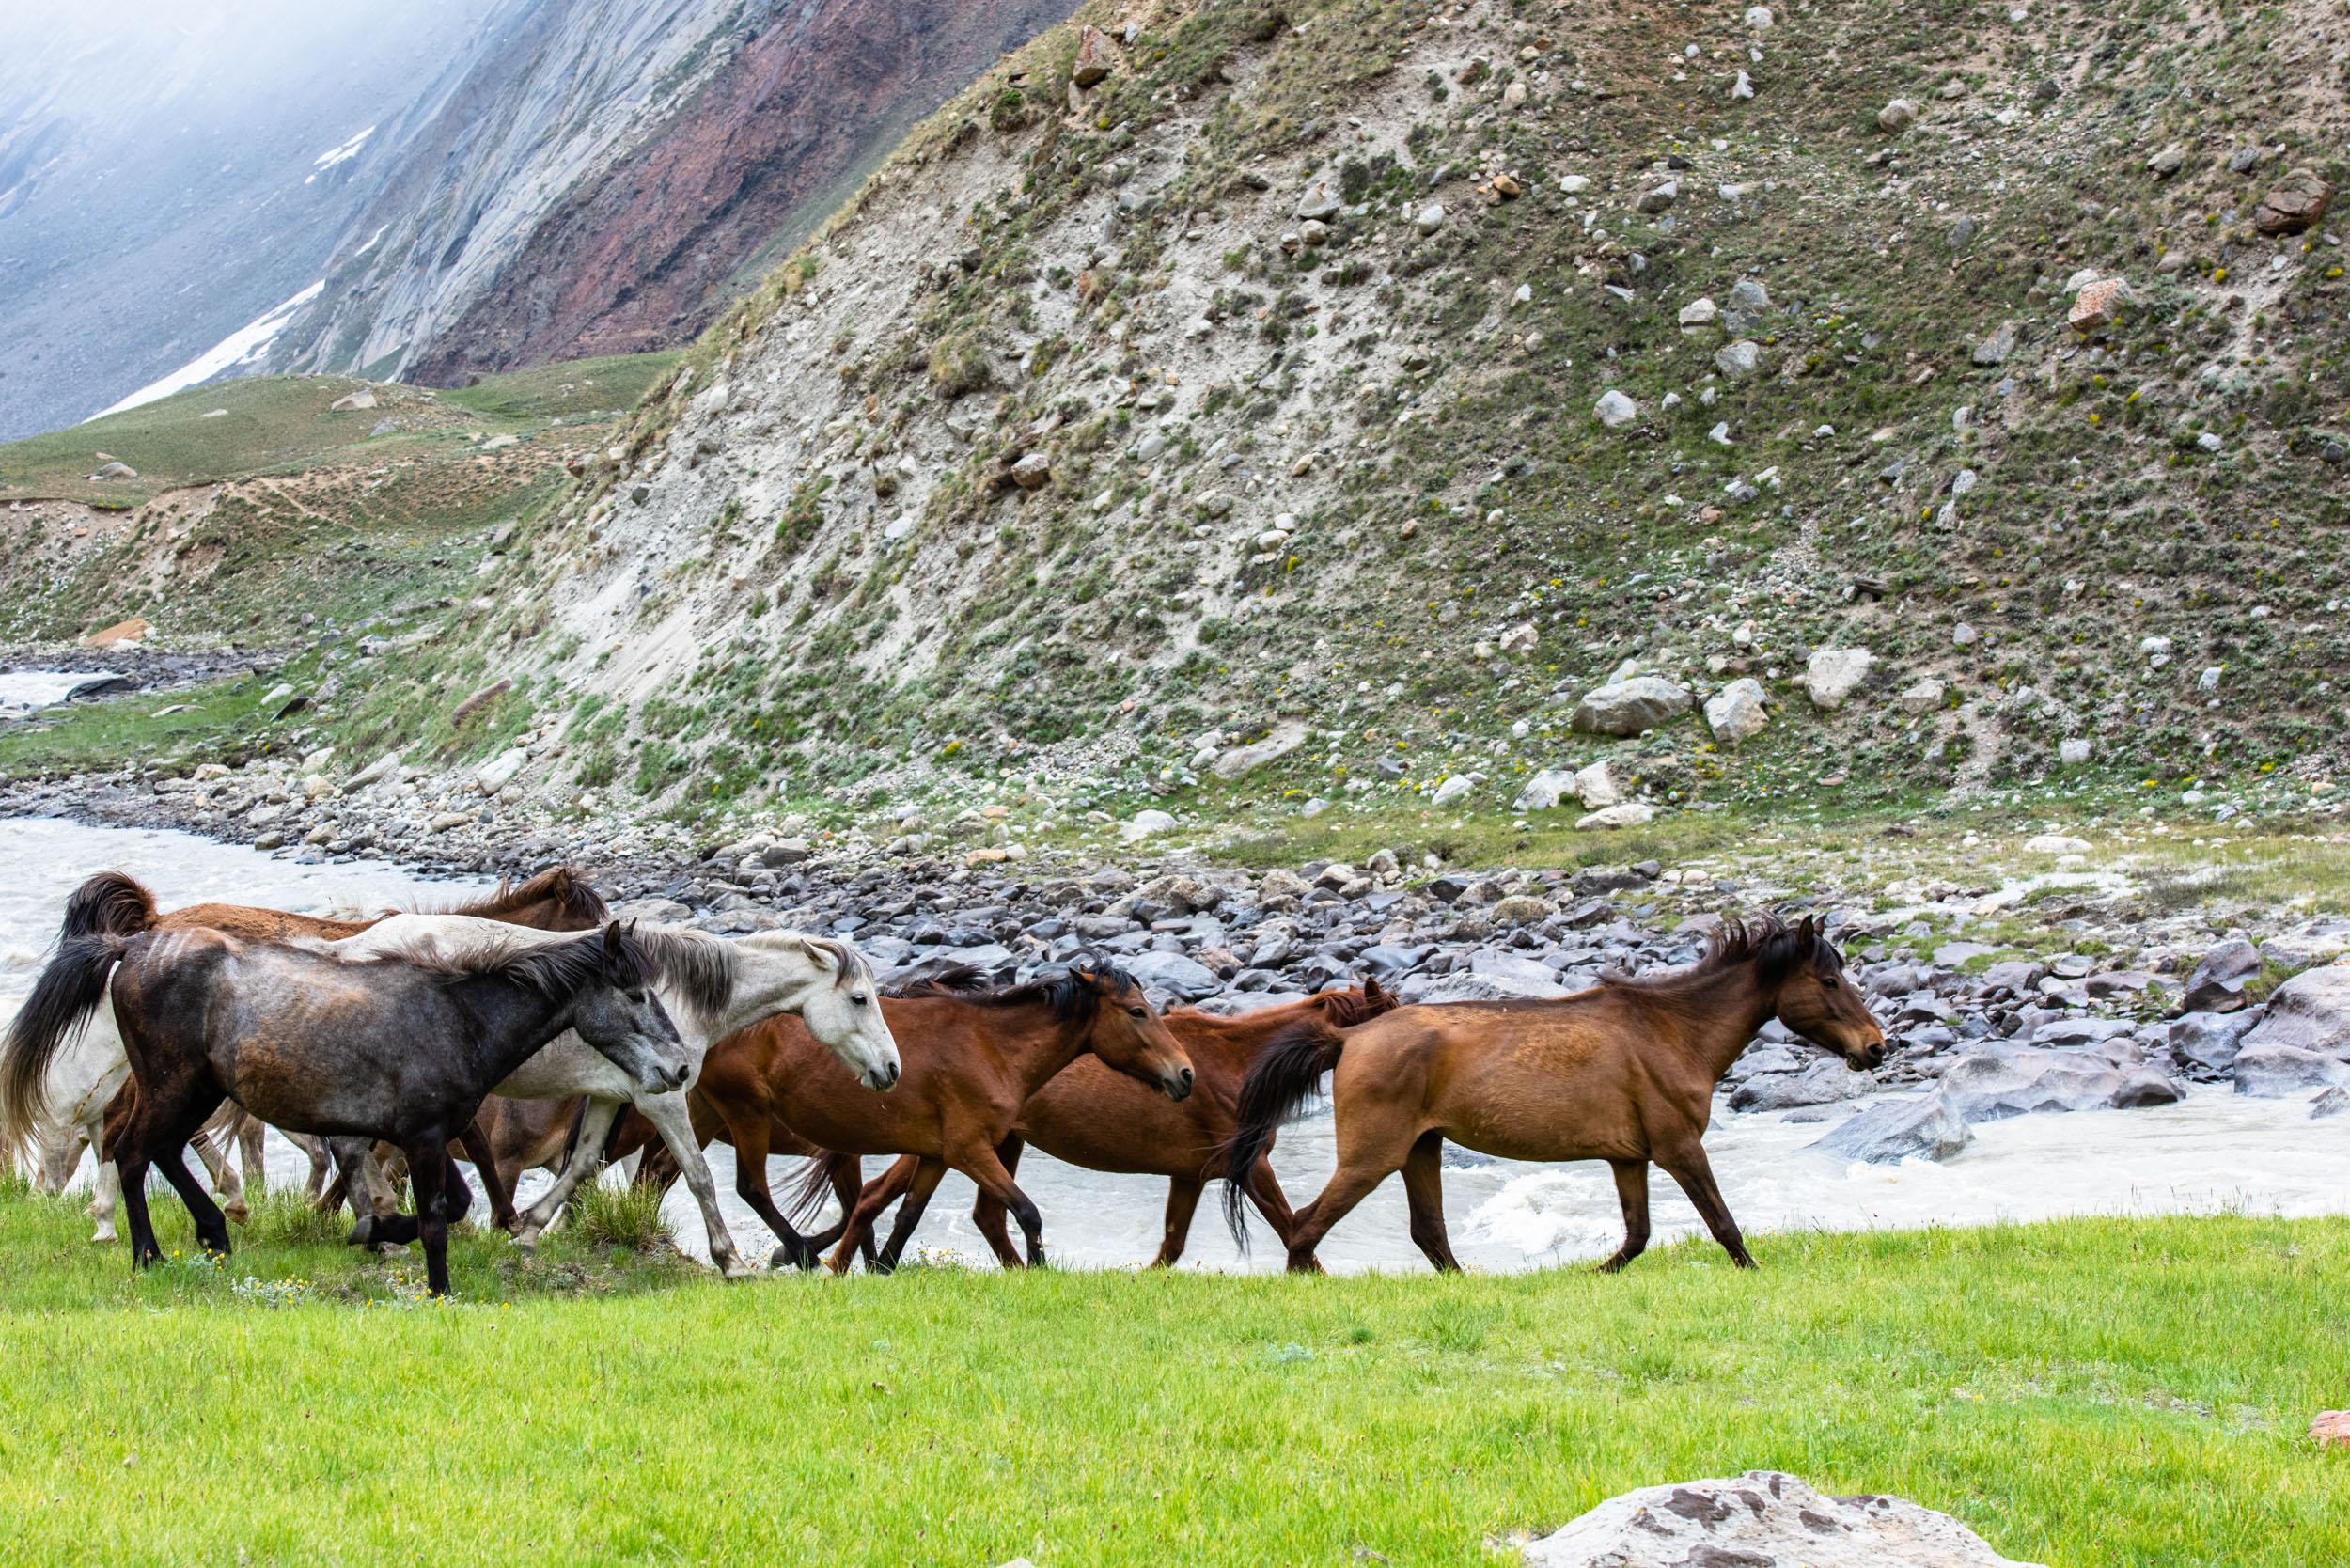 Wild Horses in Suru Valley